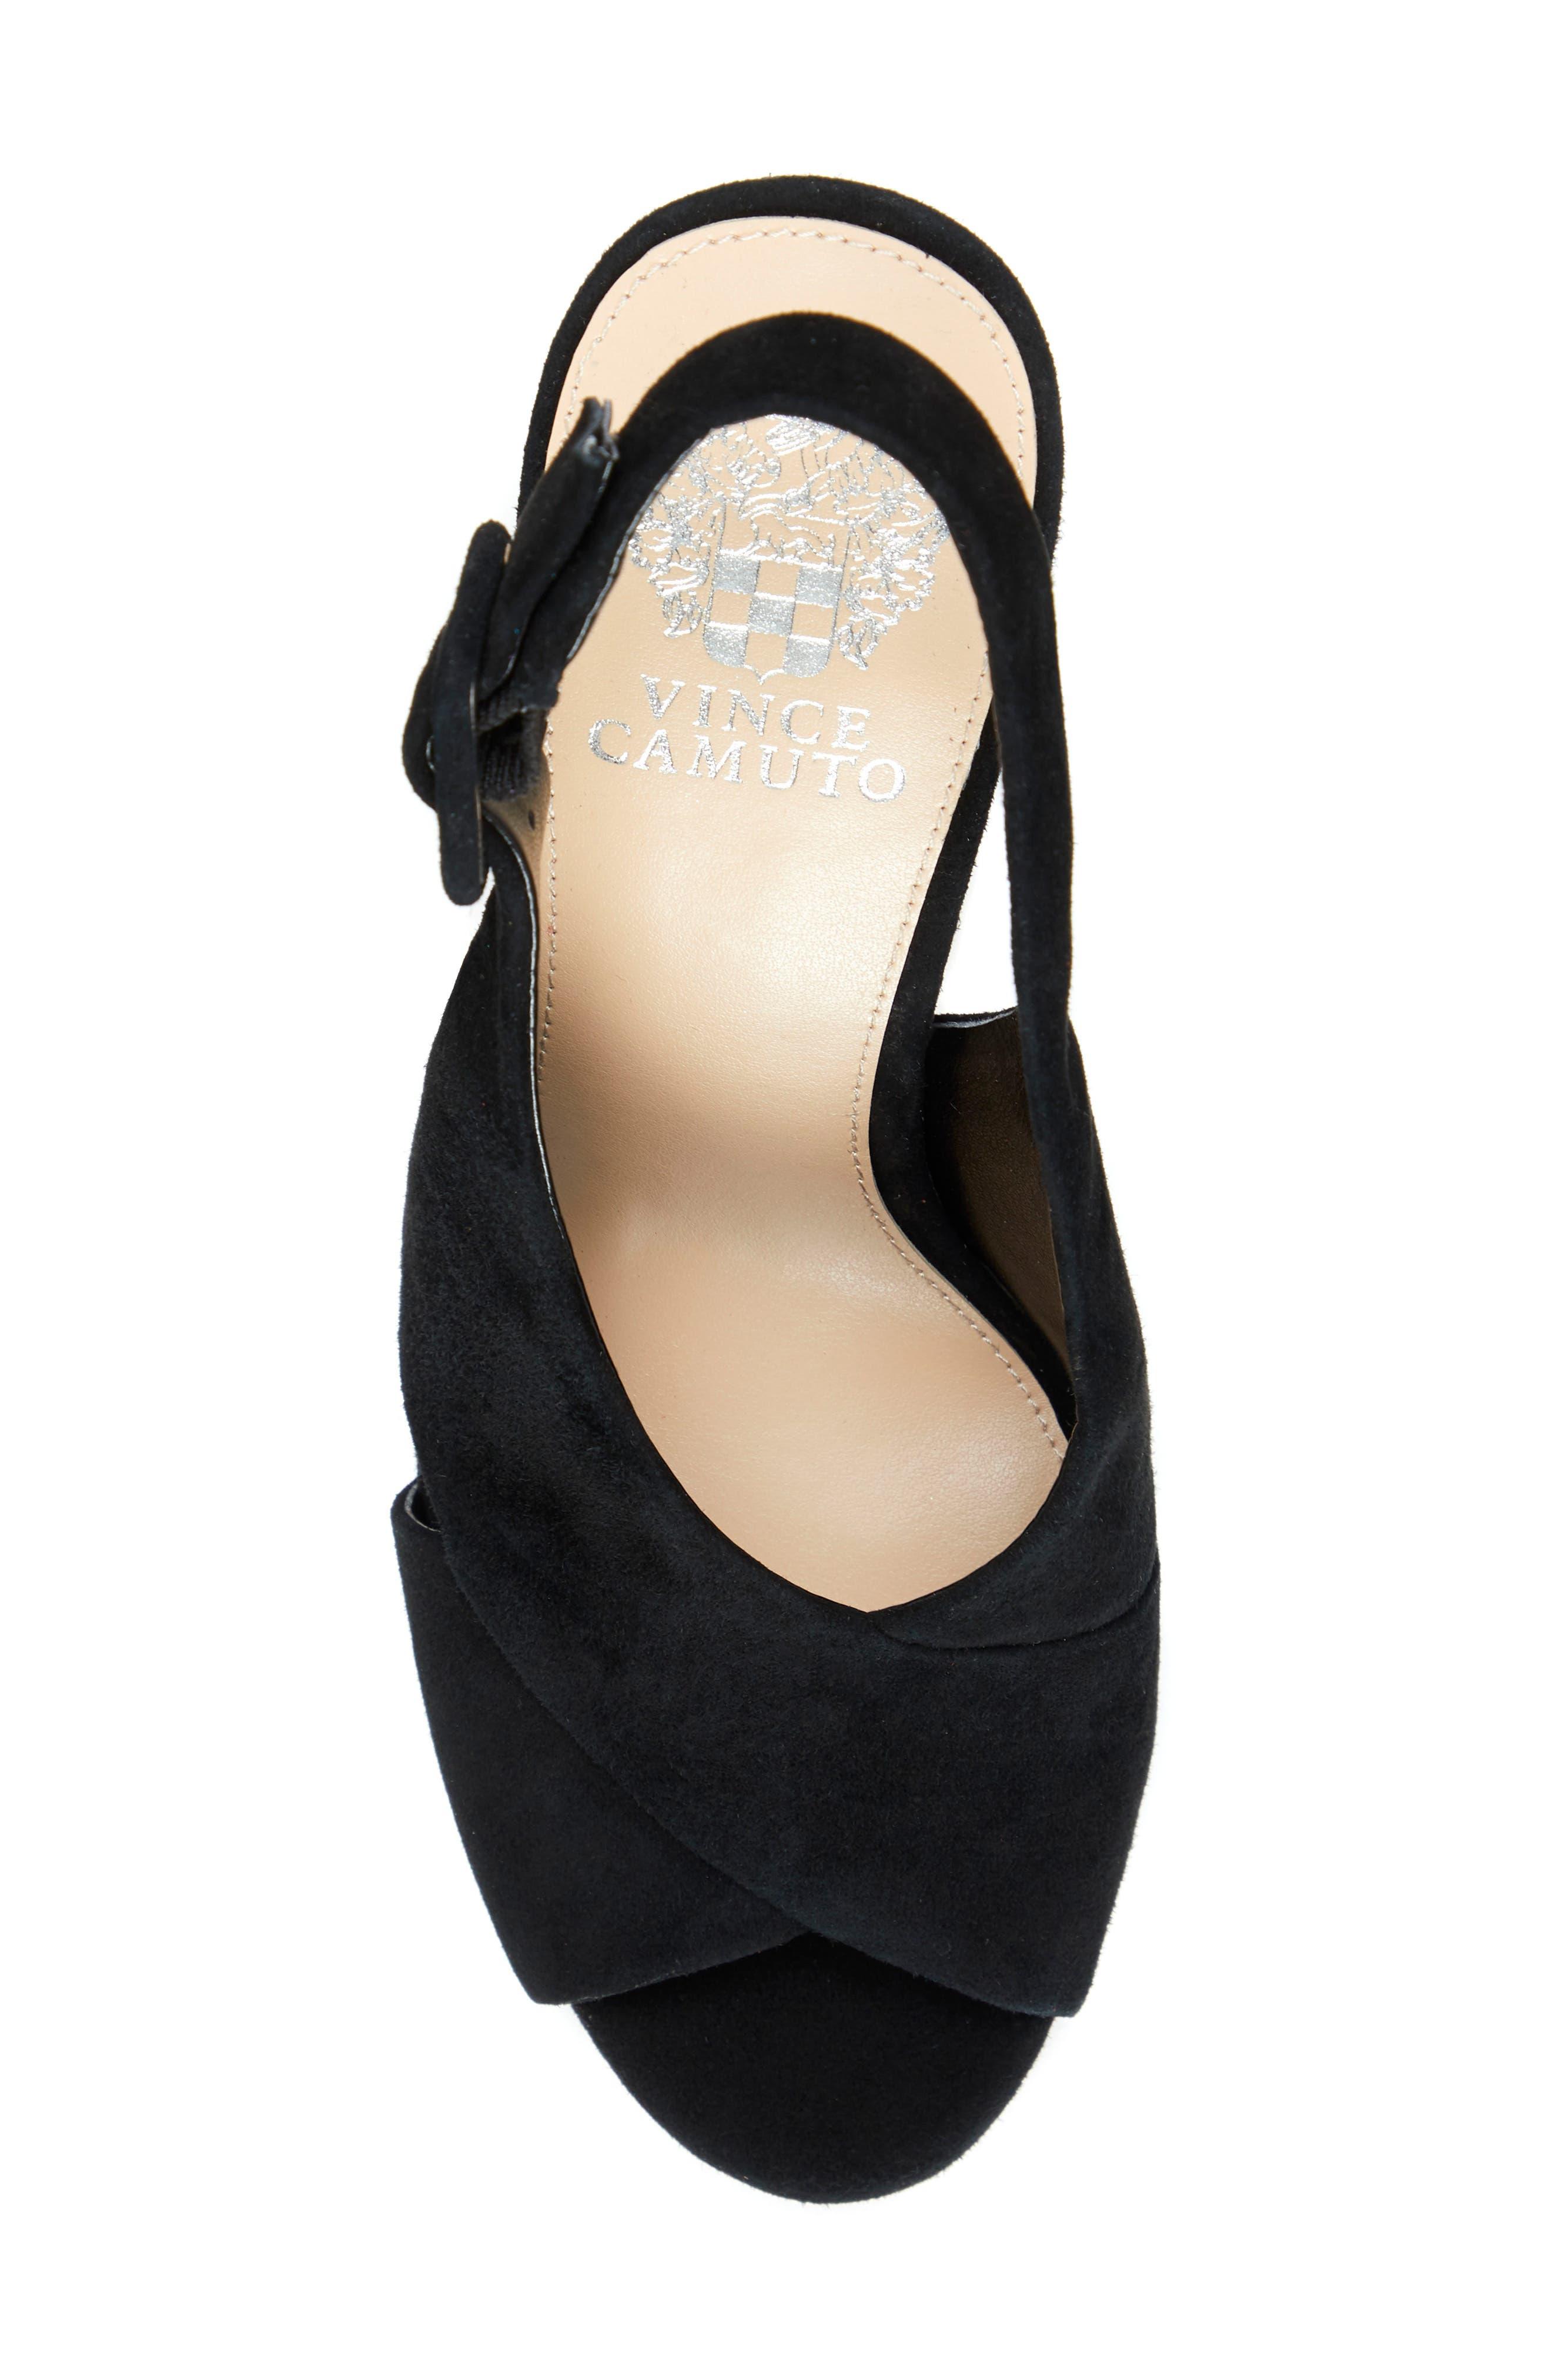 VINCE CAMUTO, Slingback Platform Sandal, Alternate thumbnail 5, color, BLACK 01 SUEDE